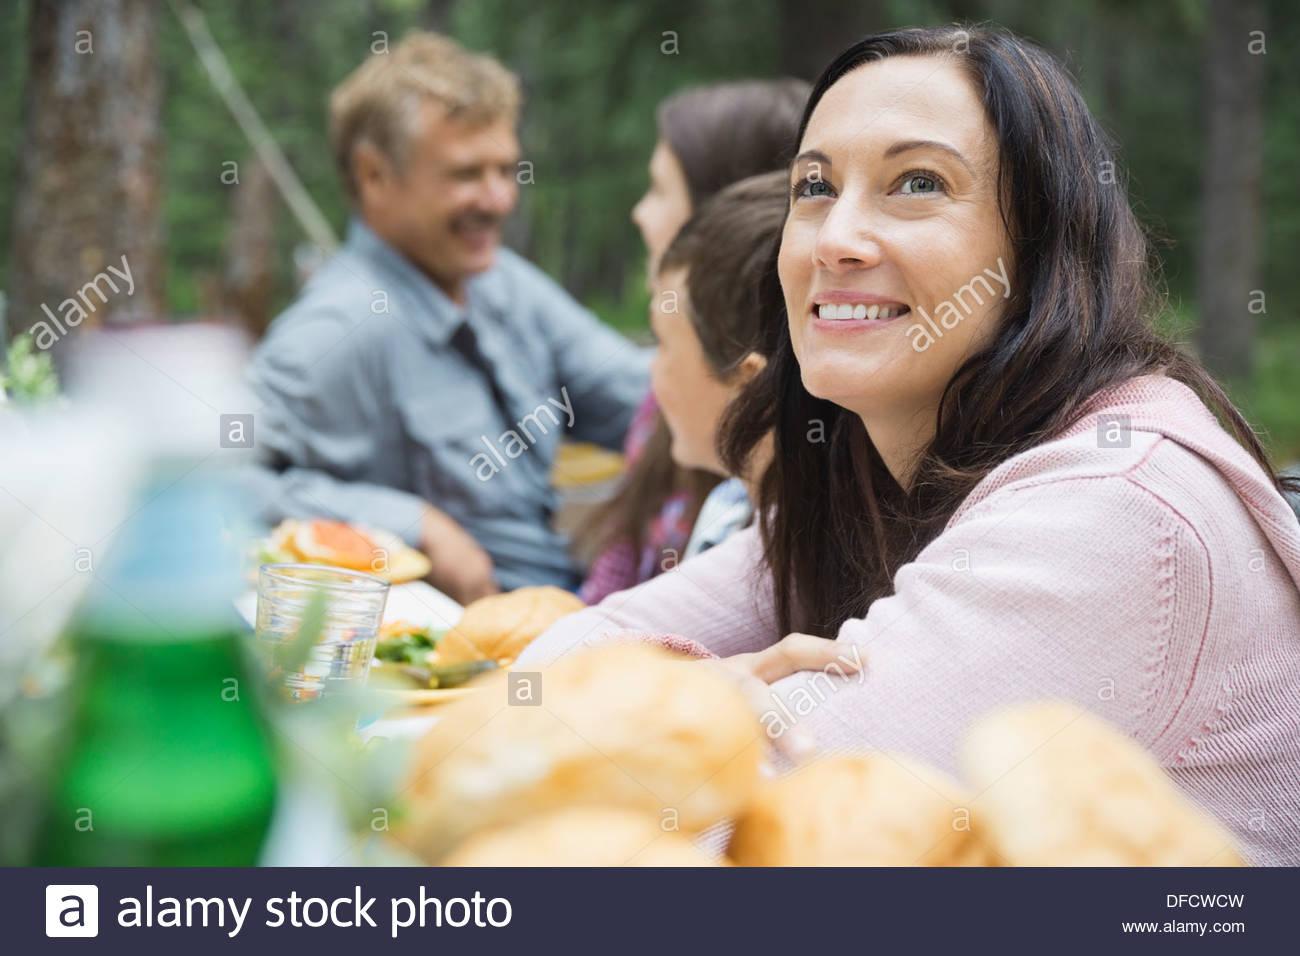 La mujer disfruta de comida con la familia en camping Imagen De Stock